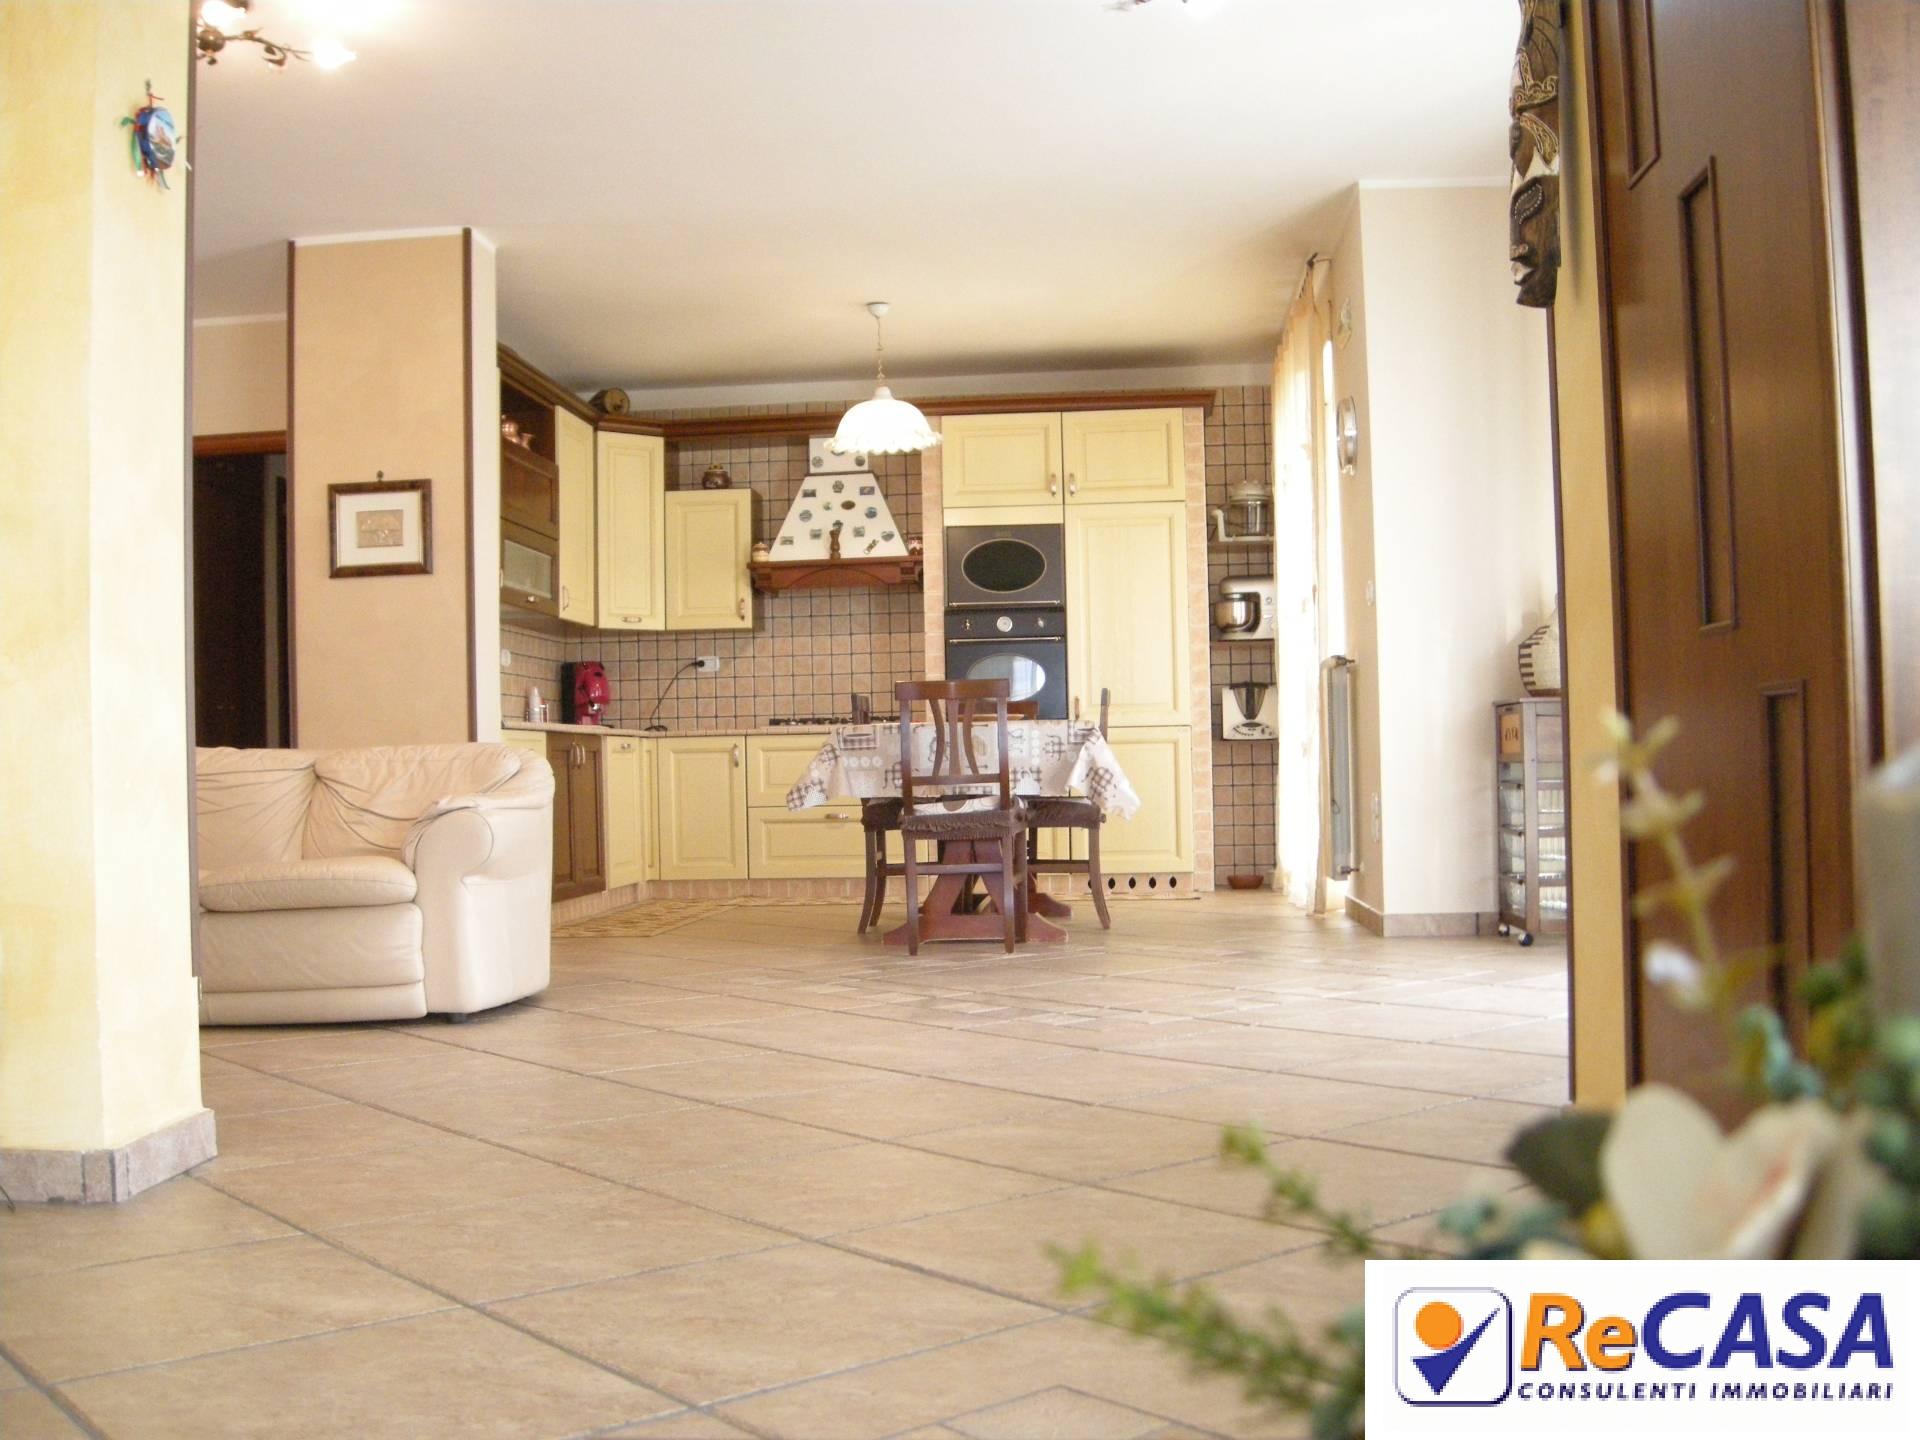 Appartamento in vendita a Montecorvino Pugliano, 6 locali, zona Località: BivioPratole, prezzo € 290.000 | CambioCasa.it